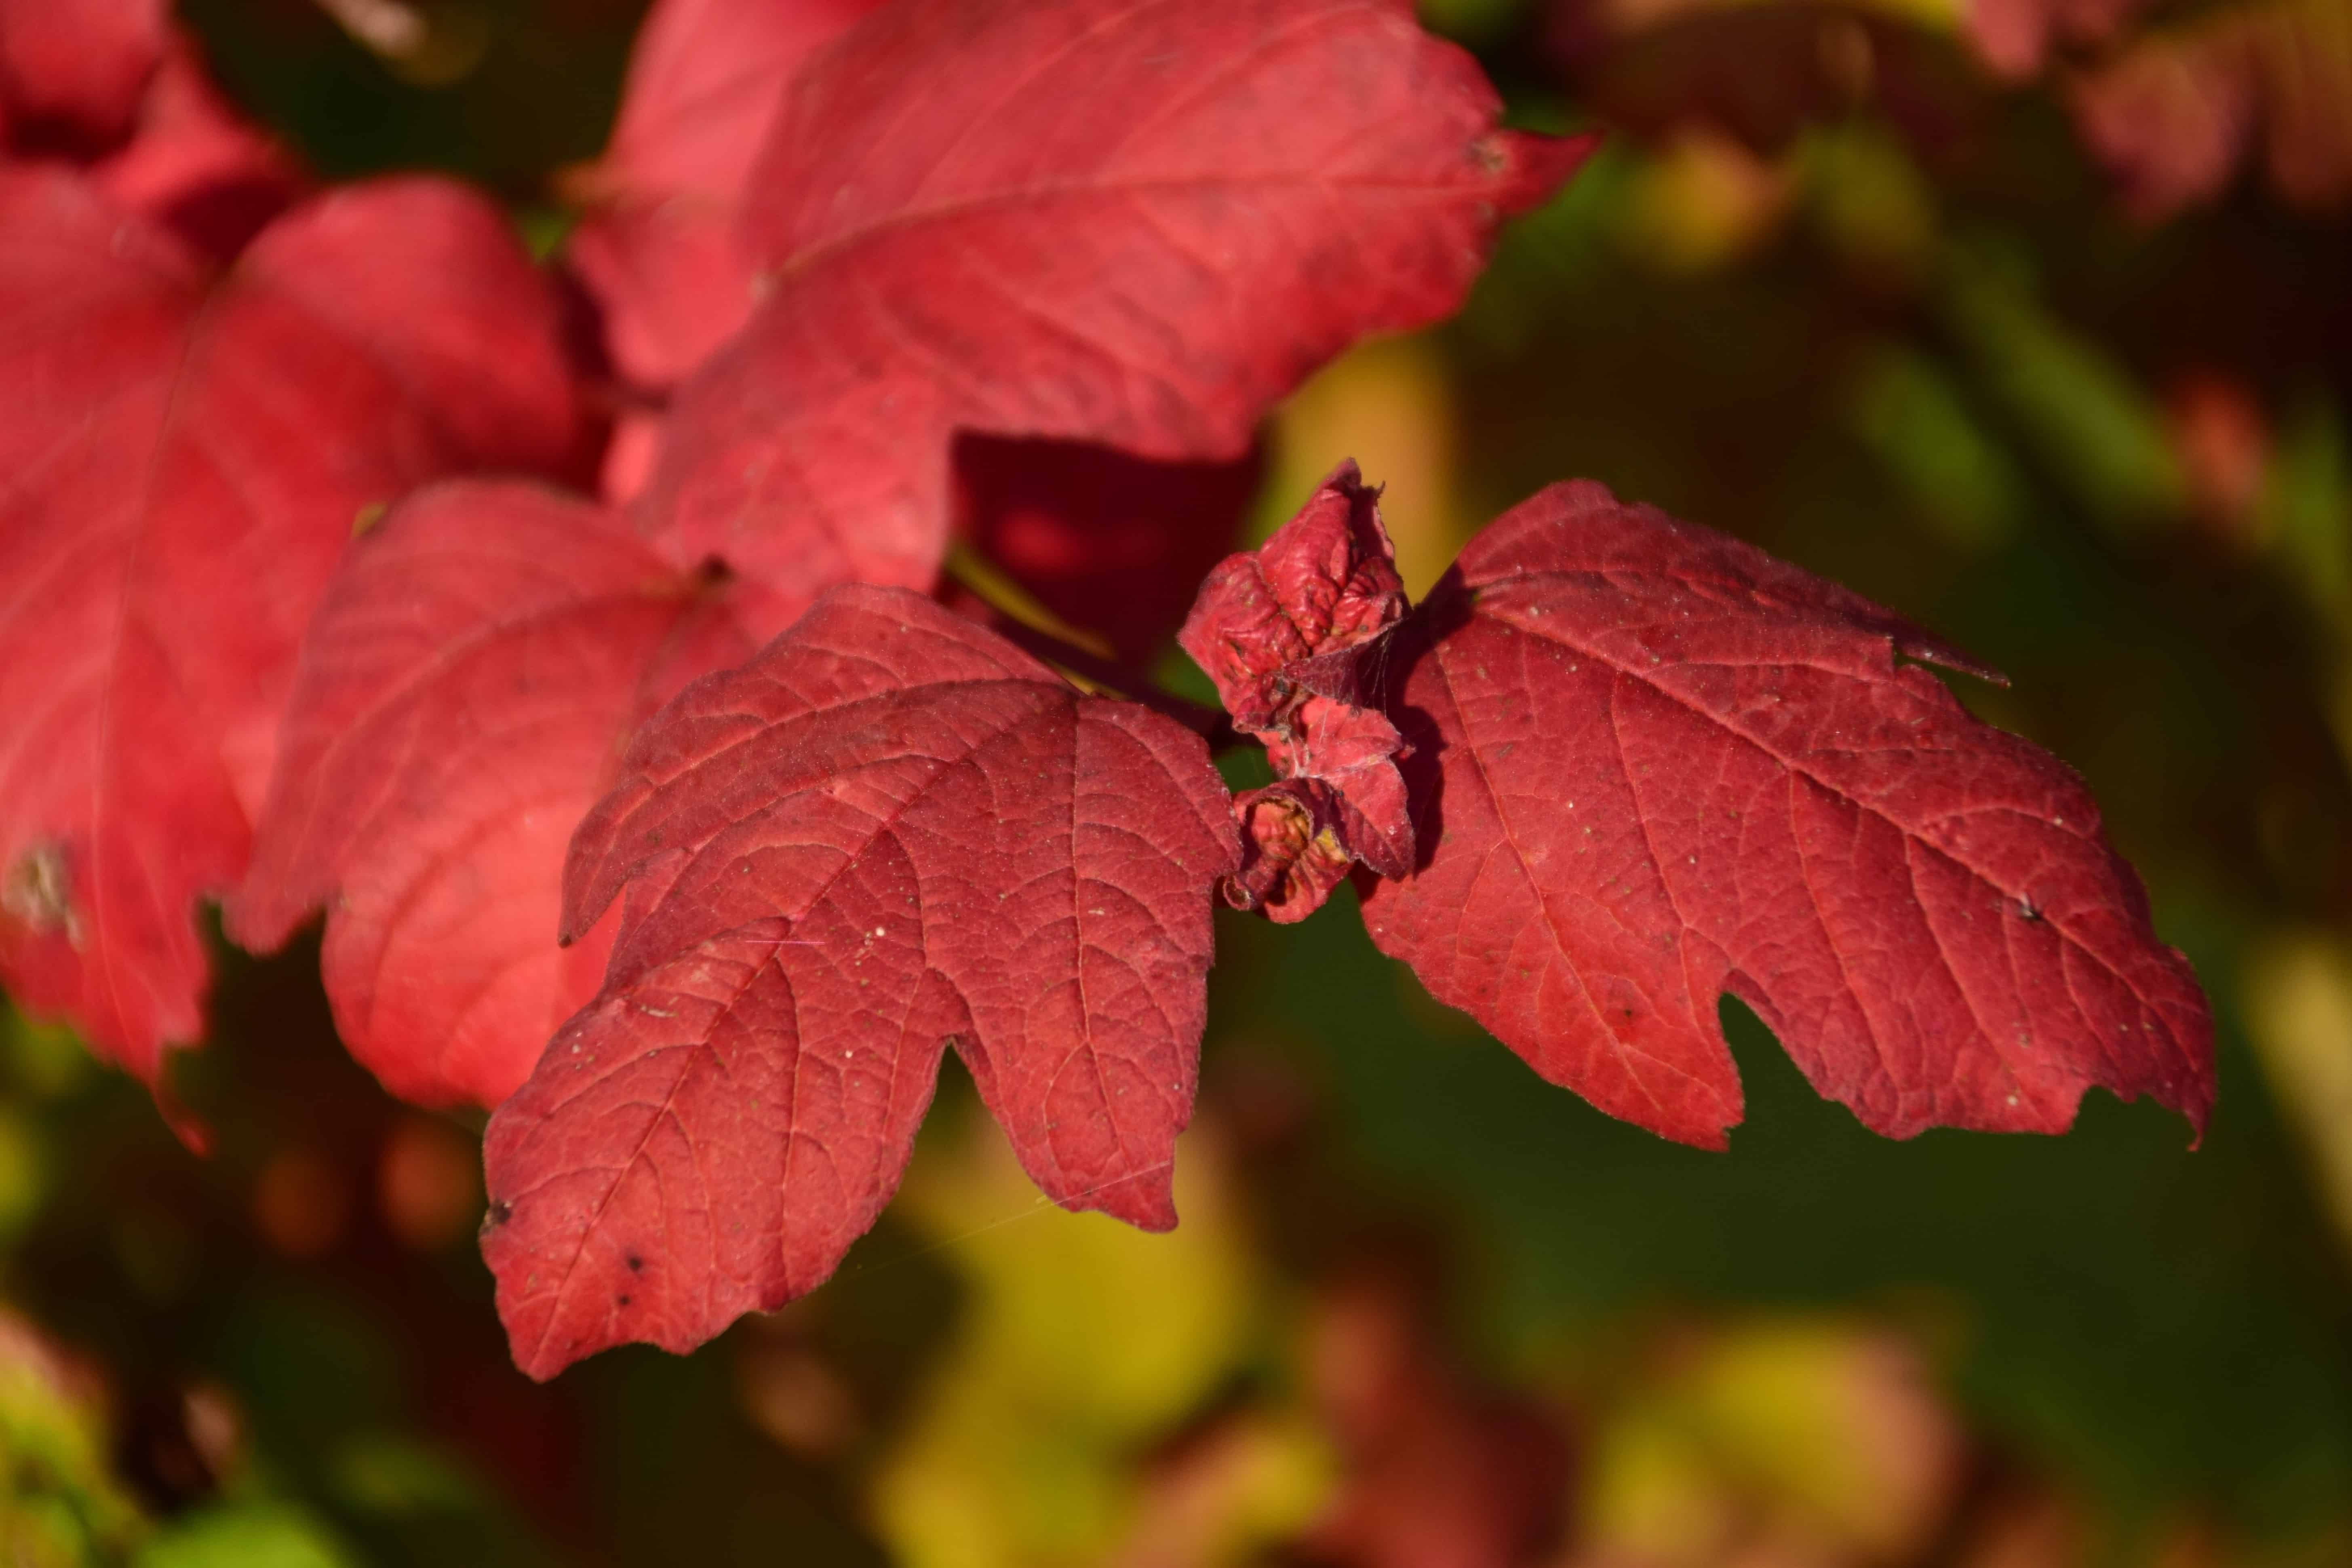 Image libre feuille rouge nature flore plante automne automne feuillage - Plante a feuille rouge ...